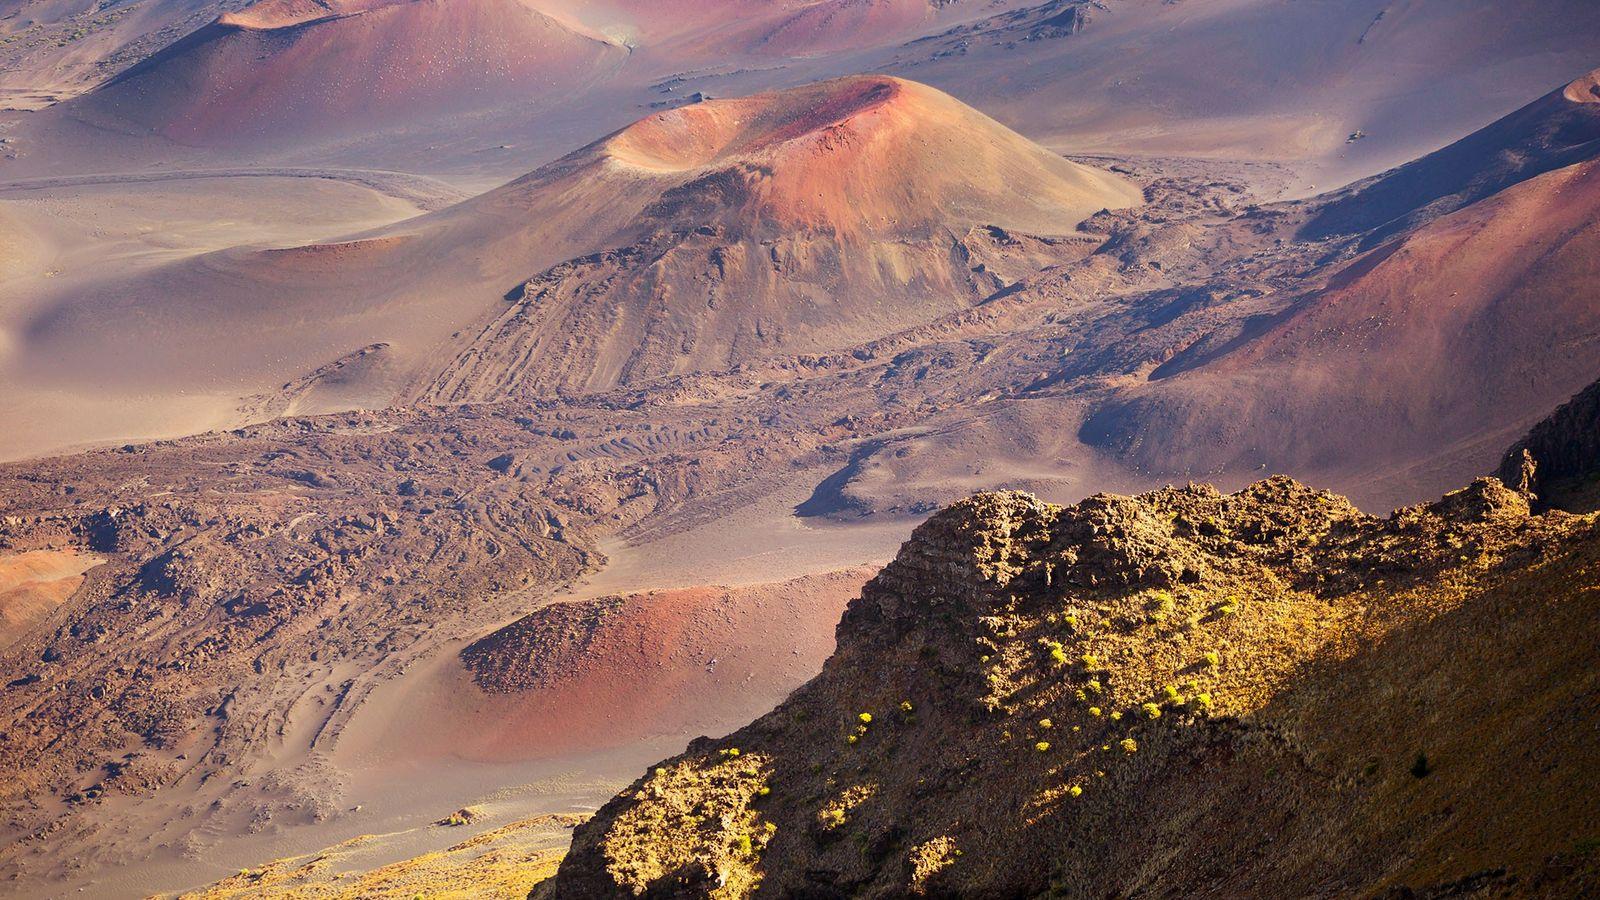 O cone de cinzas Pu'u o Maui faz parte de um vulcão adormecido no Parque Nacional ...